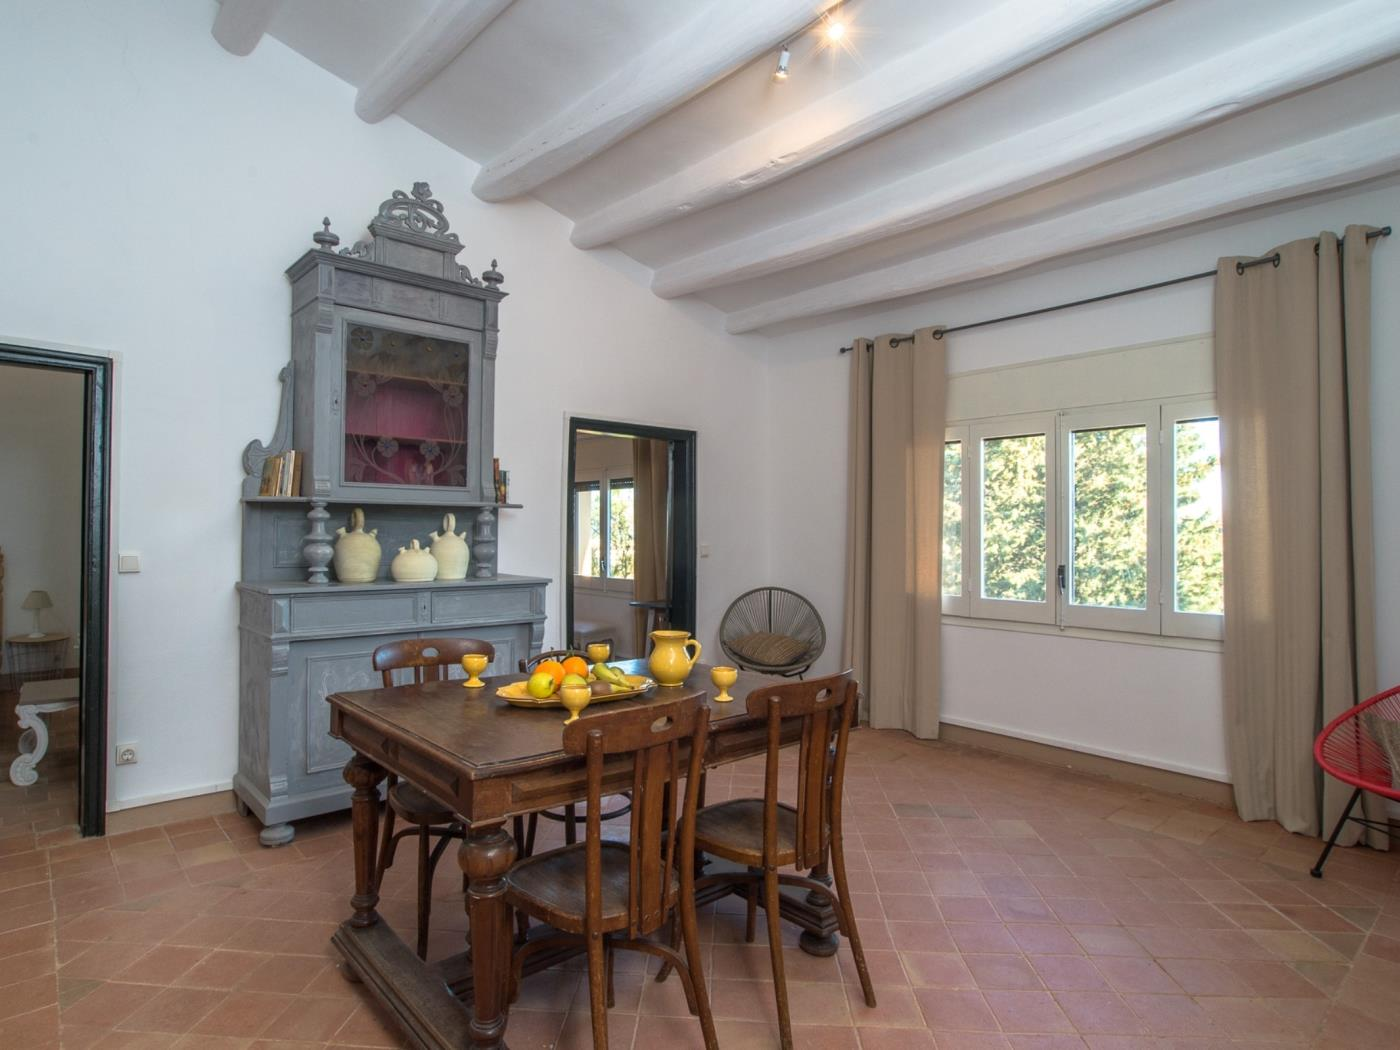 Alquiler casa rural en la tallada d 39 empord la tallada costa brava for rent - Alquiler casa emporda ...